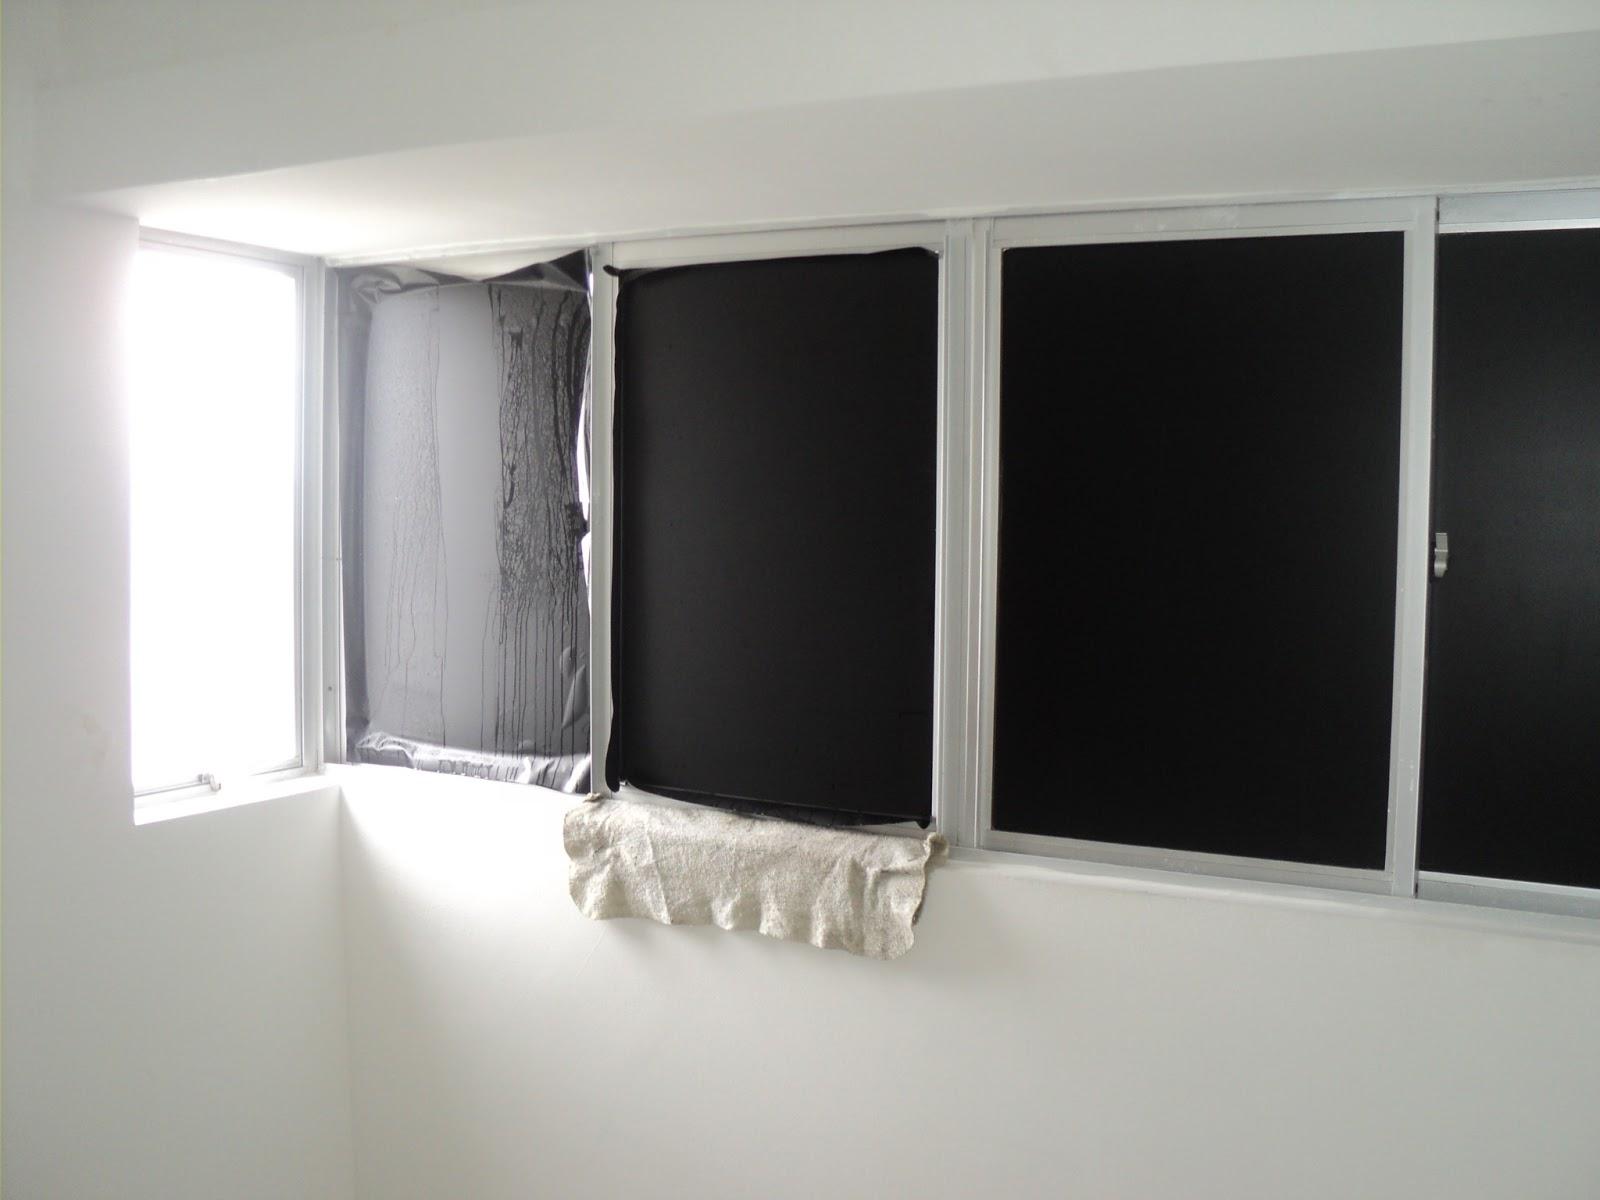 #6E695D  : Adesivo preto fosco em janelas em Recife e Região Metropolitana 3504 Adesivo De Vinil Para Janela